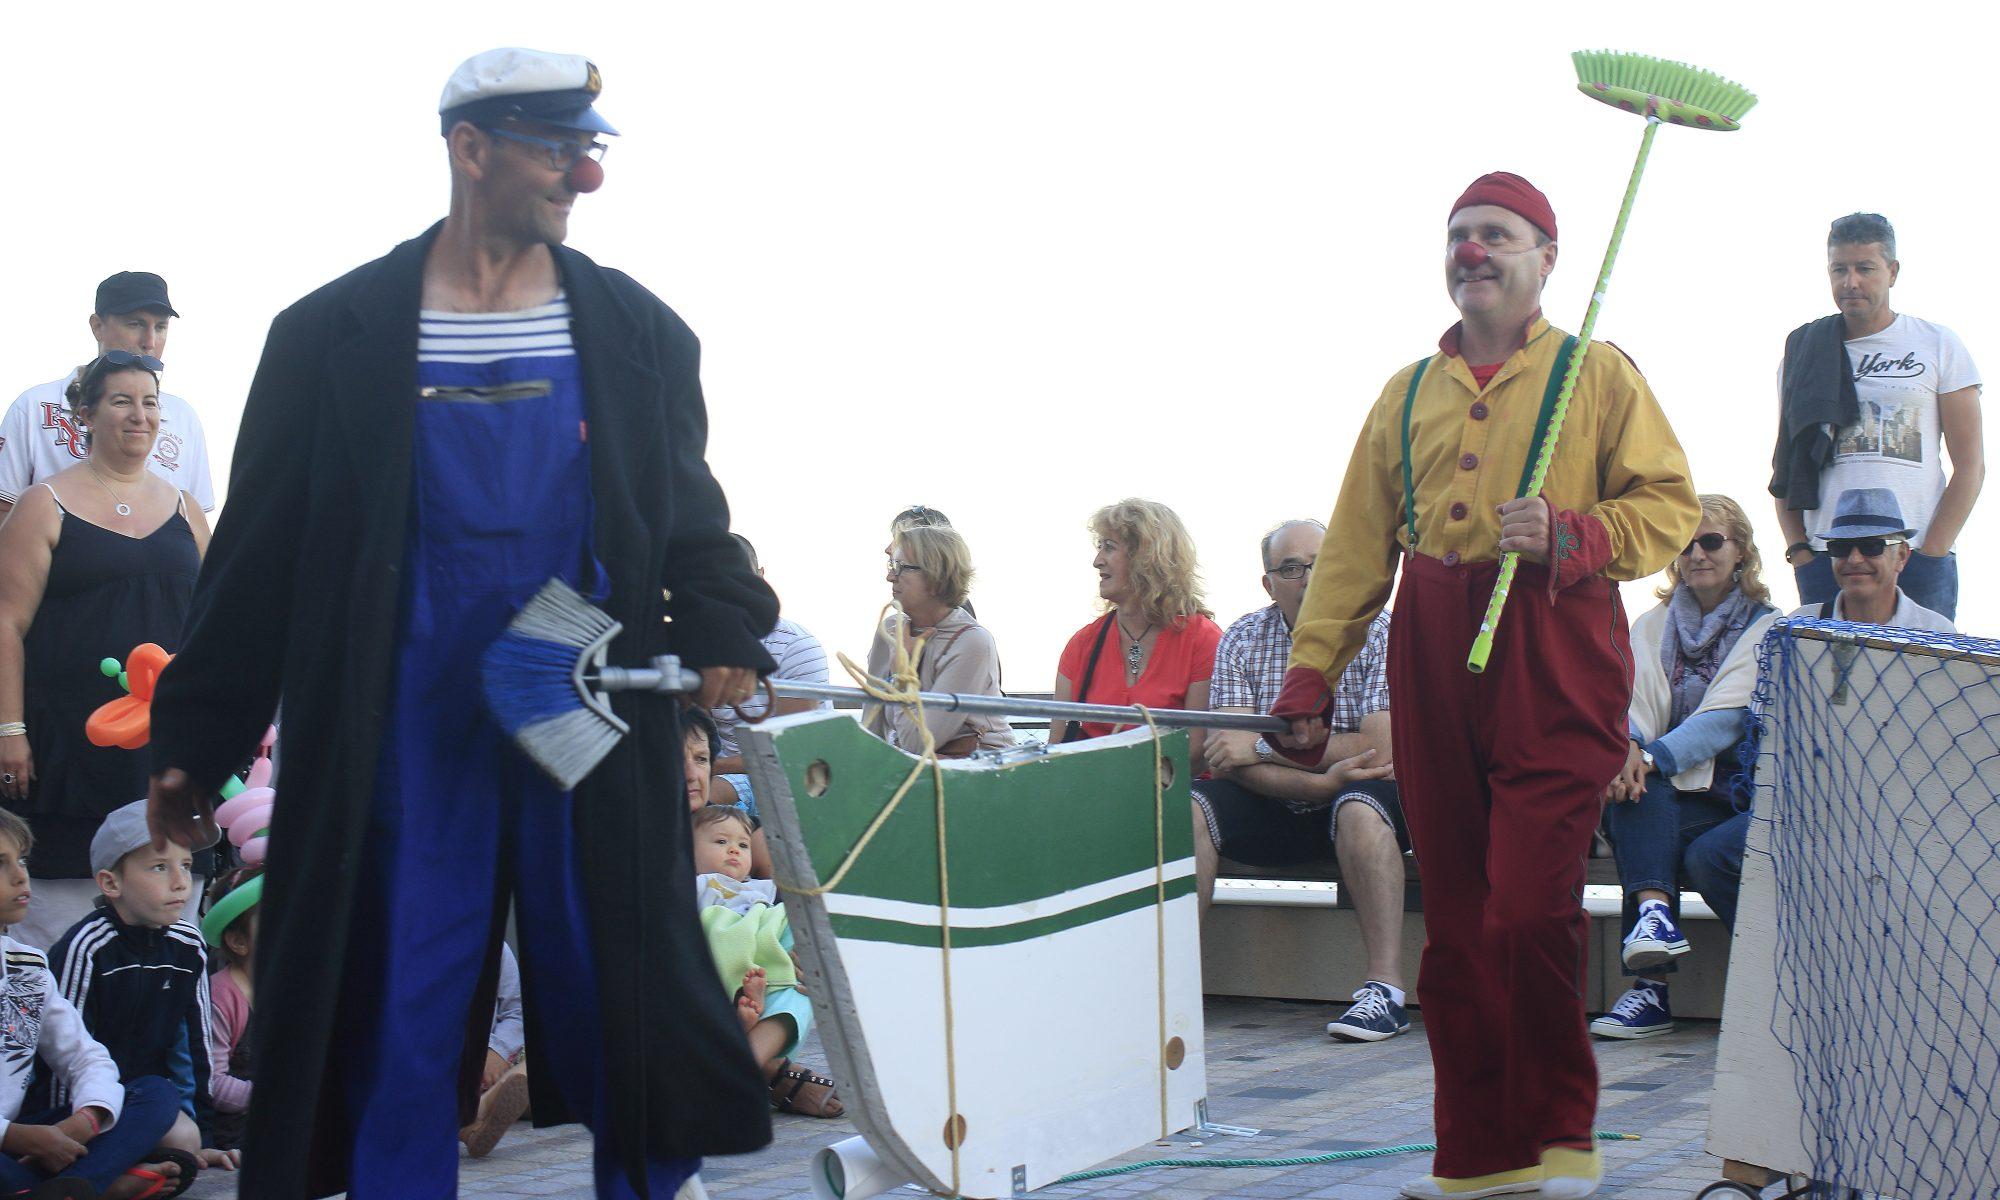 Les BatOclowns, SORTIE DE CHANTIER, théâtre gestuel pour la rue